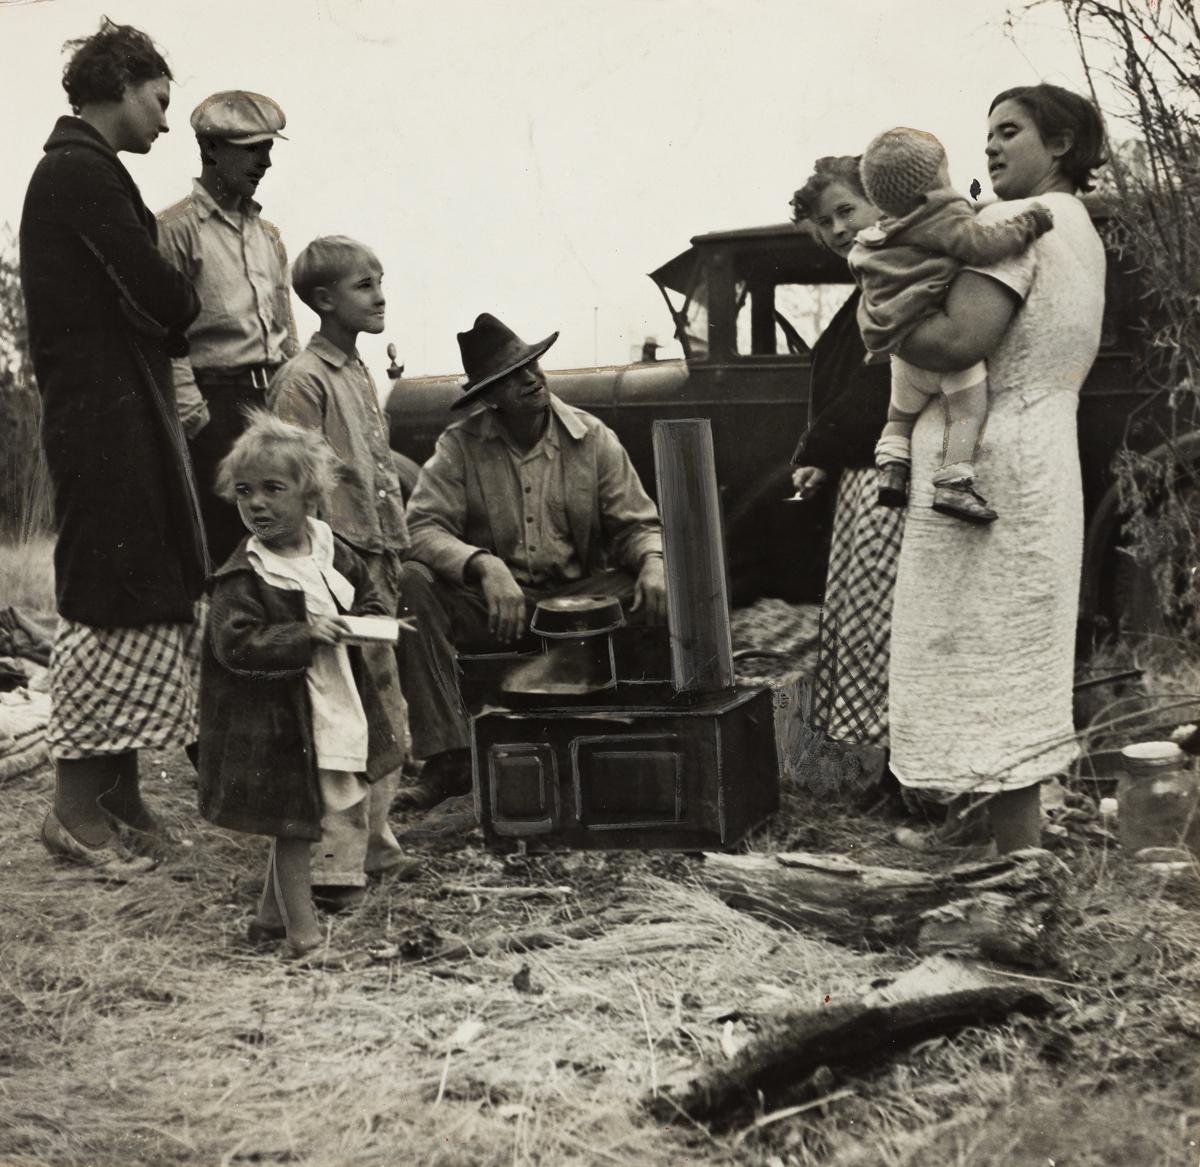 DOROTHEA LANGE (1895-1965) Dust Bowl Refugees Along the Highway.